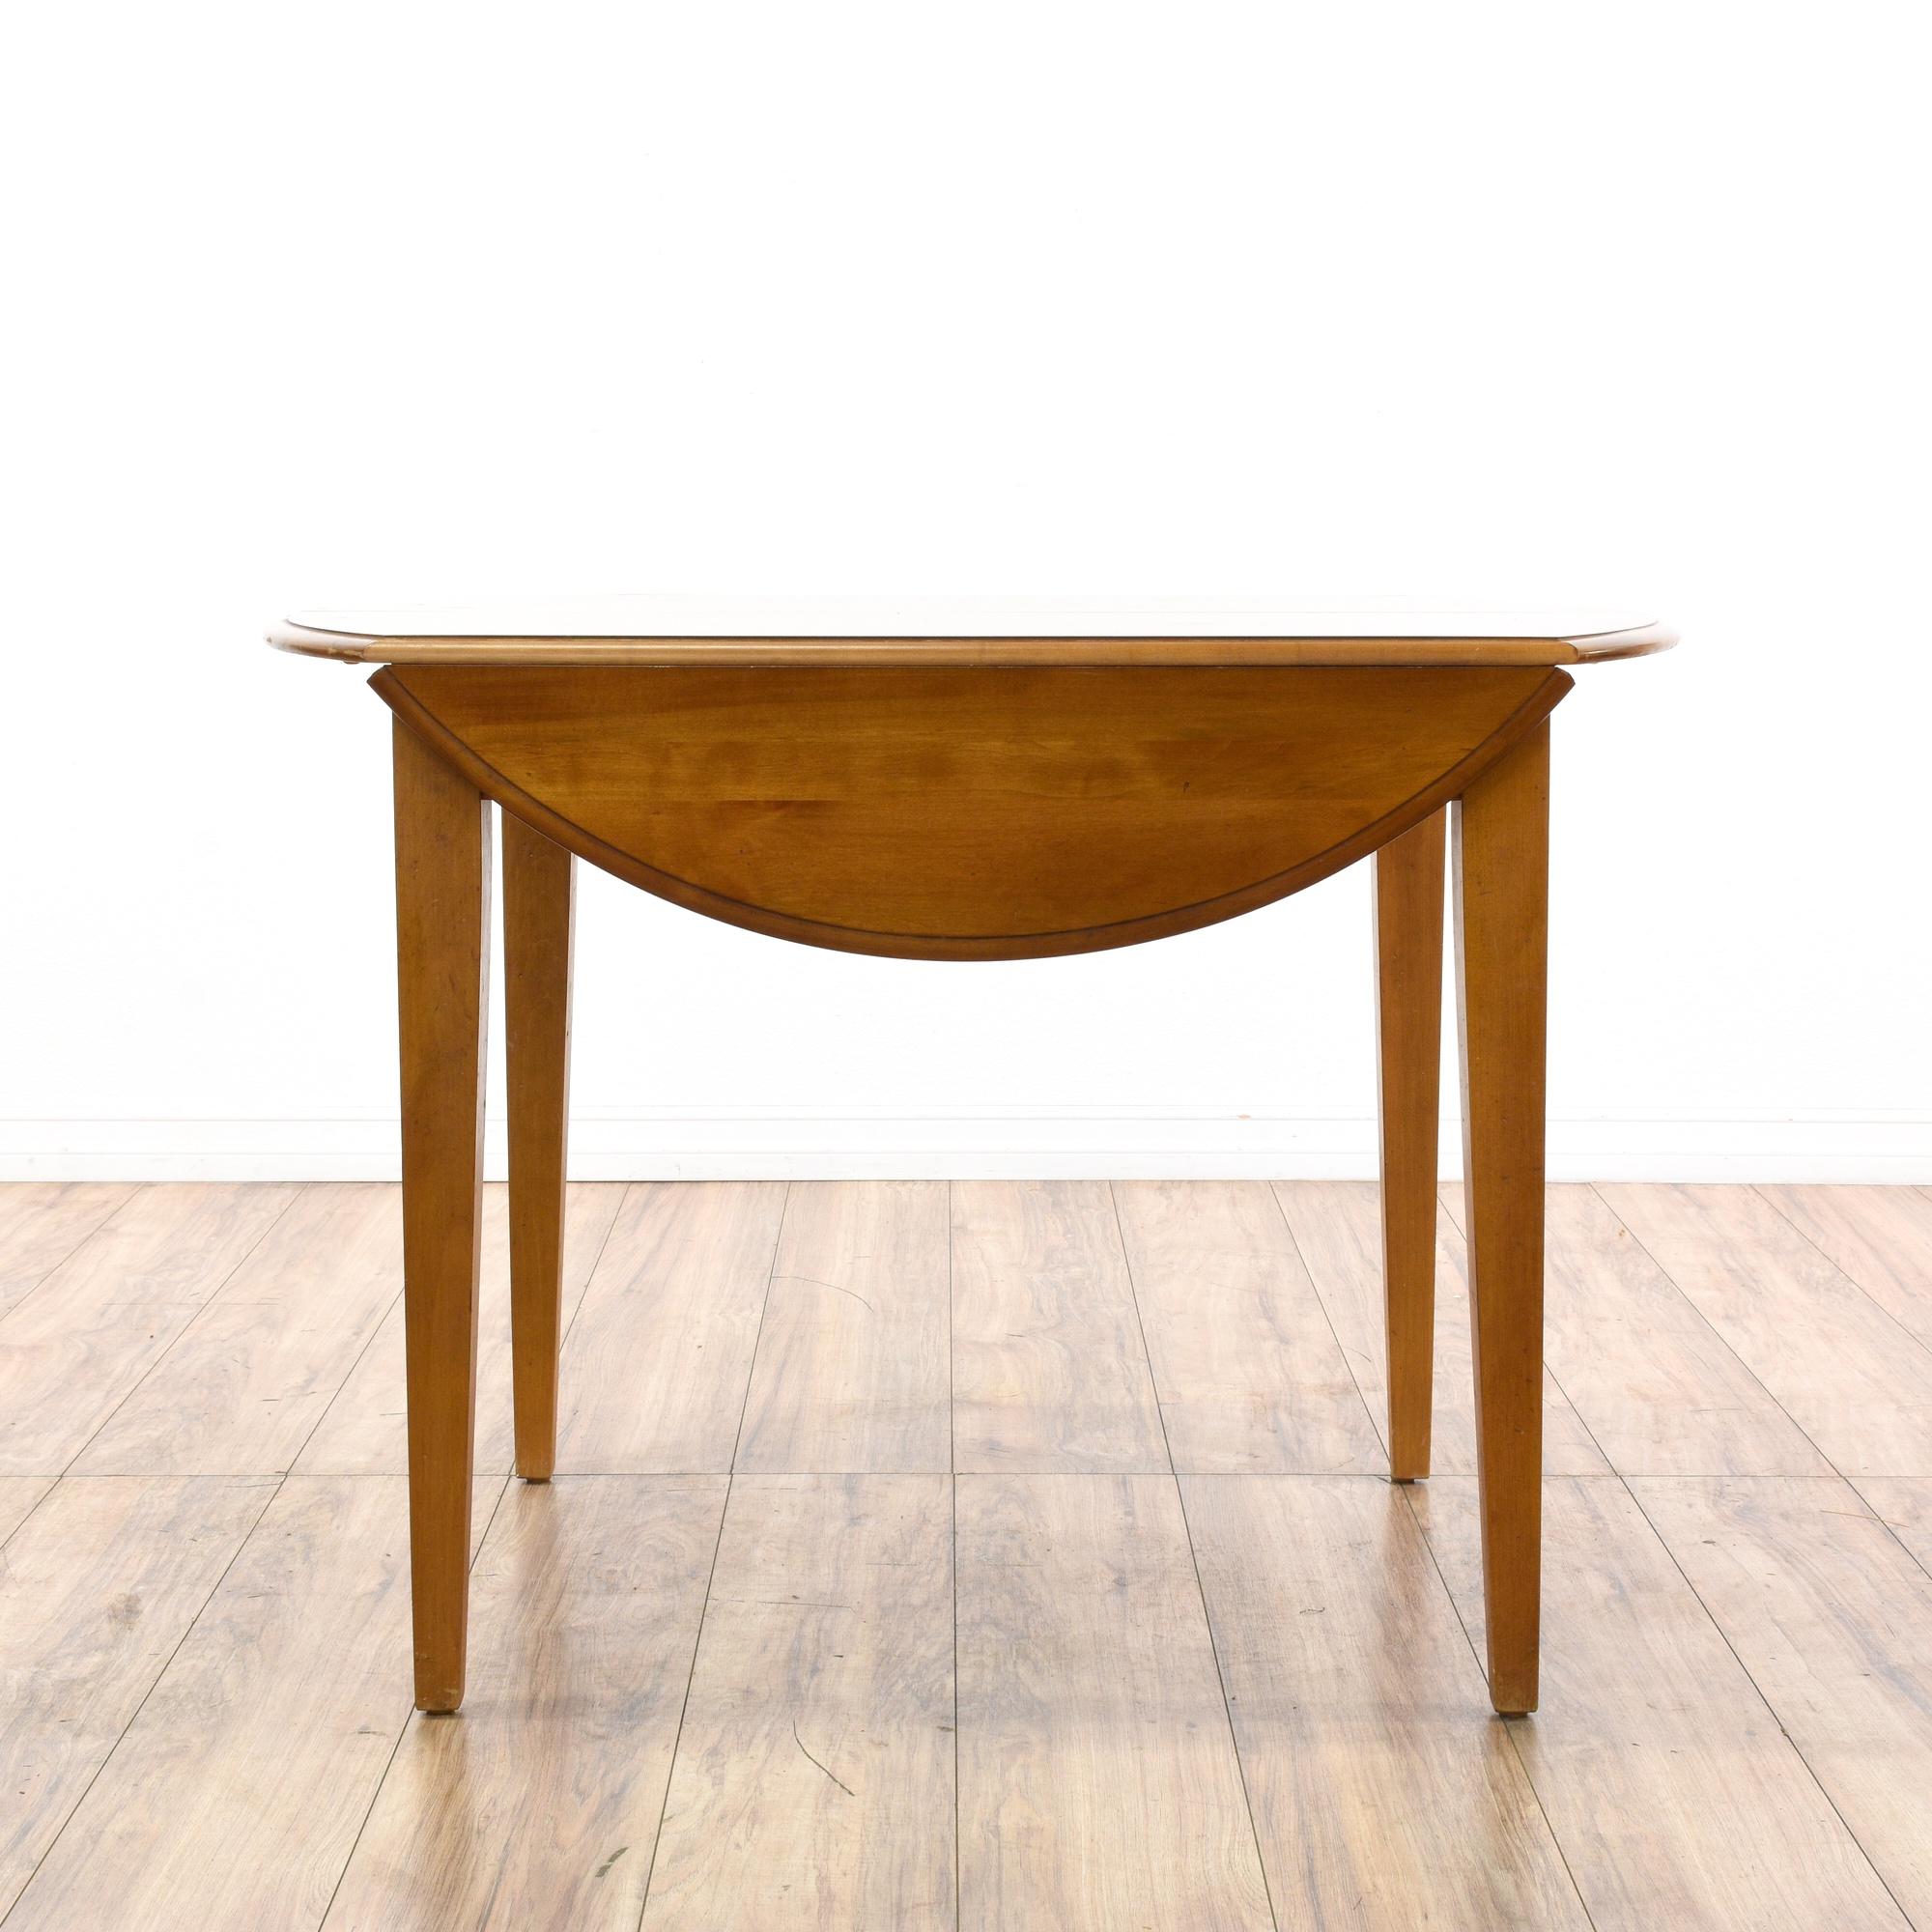 Round maple drop leaf dining table w 1 leaf loveseat for Round dining table w leaf